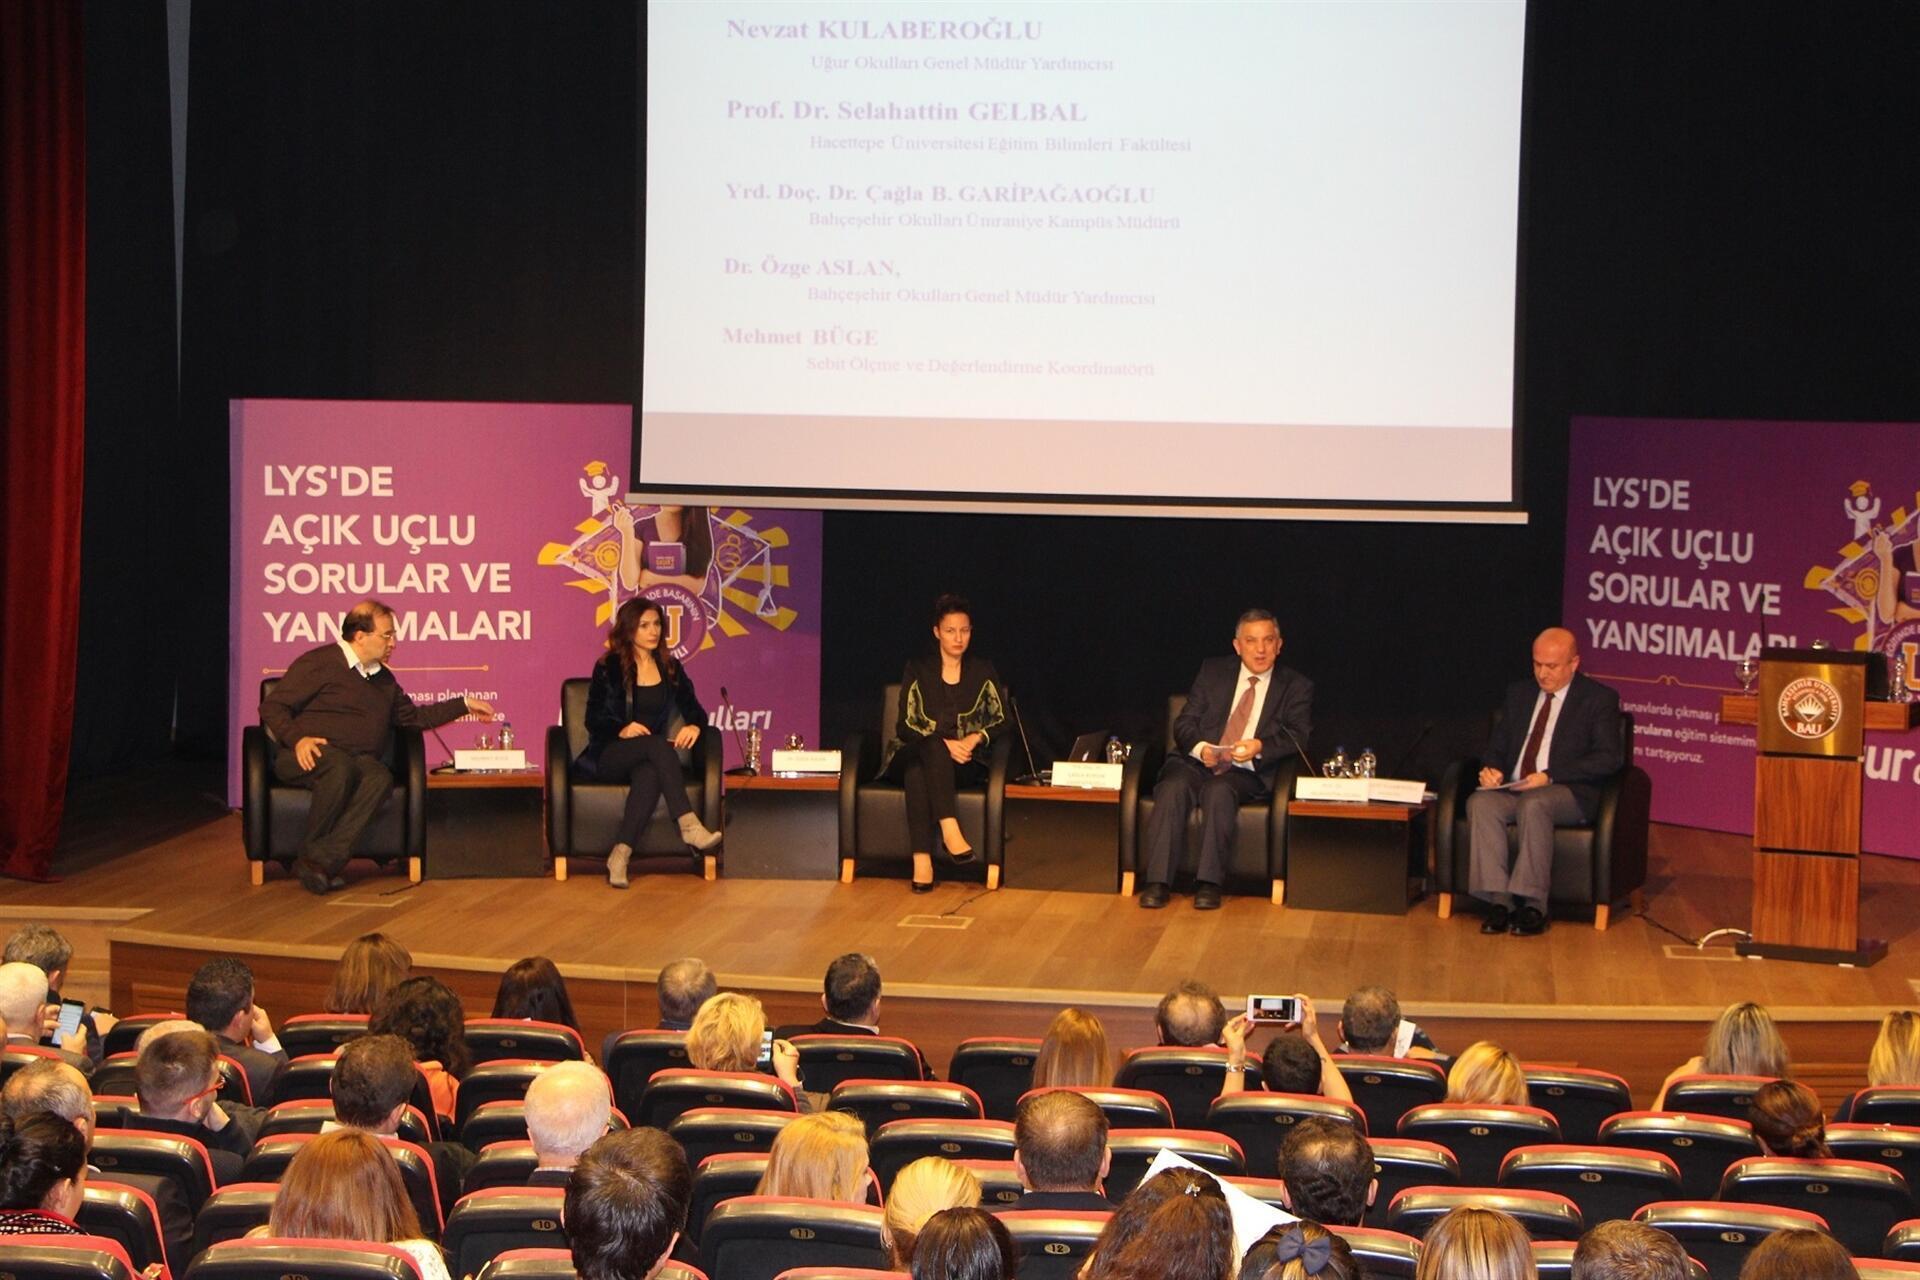 2013 yılında üniversiteye giriş için avantajlar: değişikliklere genel bakış